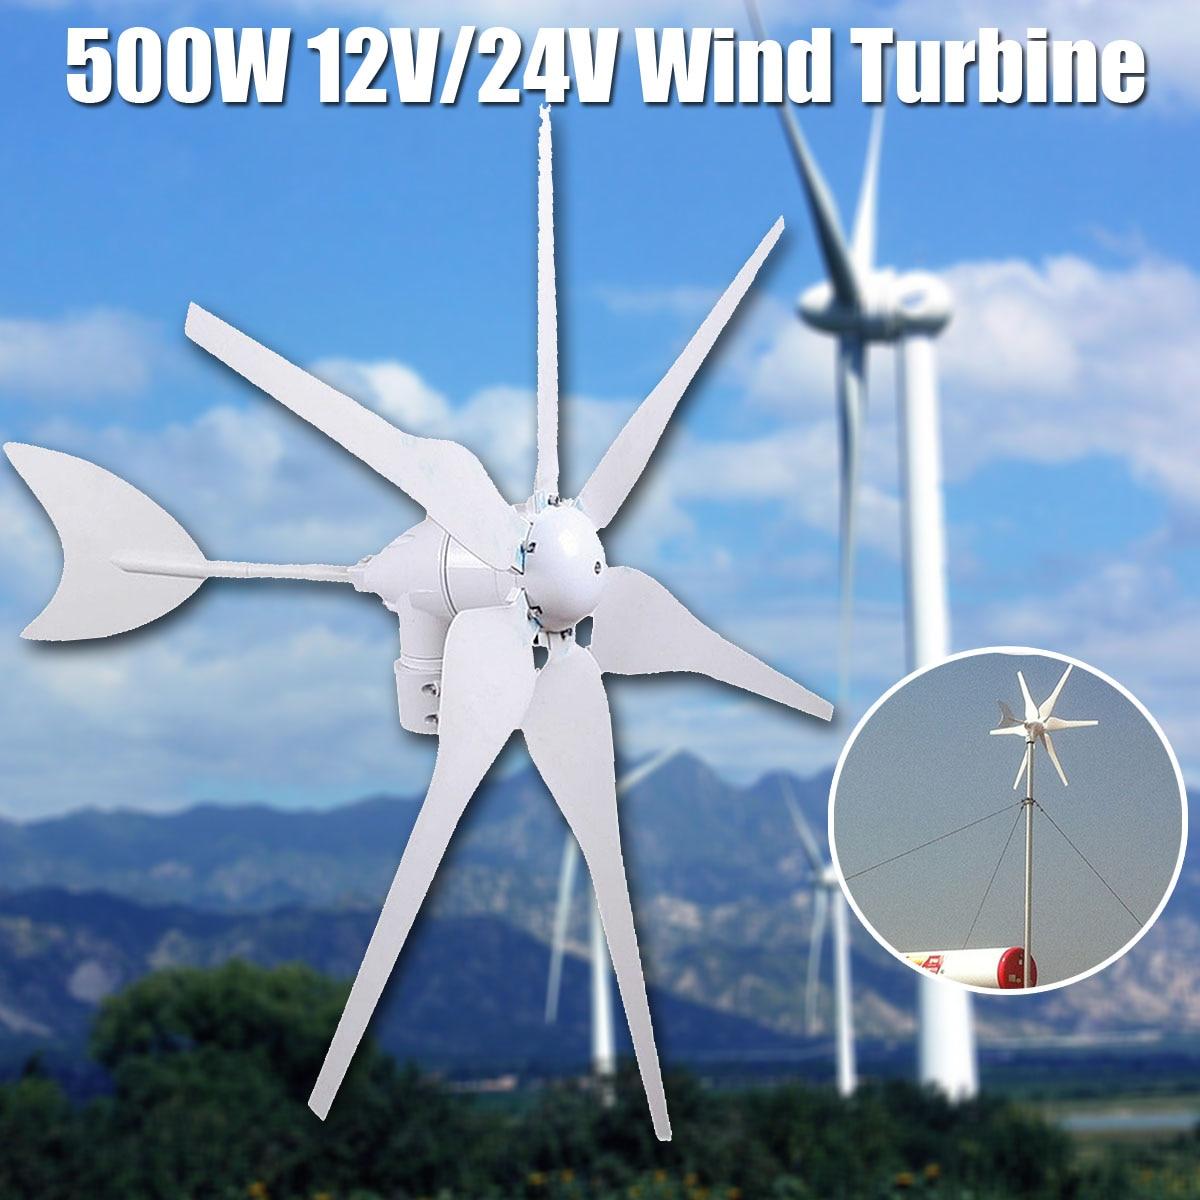 500 w 12 v/24 v Energia Ambientale 6 Lame Mini Turbine Eoliche Generatore di Vento In Miniatura Turbine Casa Residenziale con il Regolatore